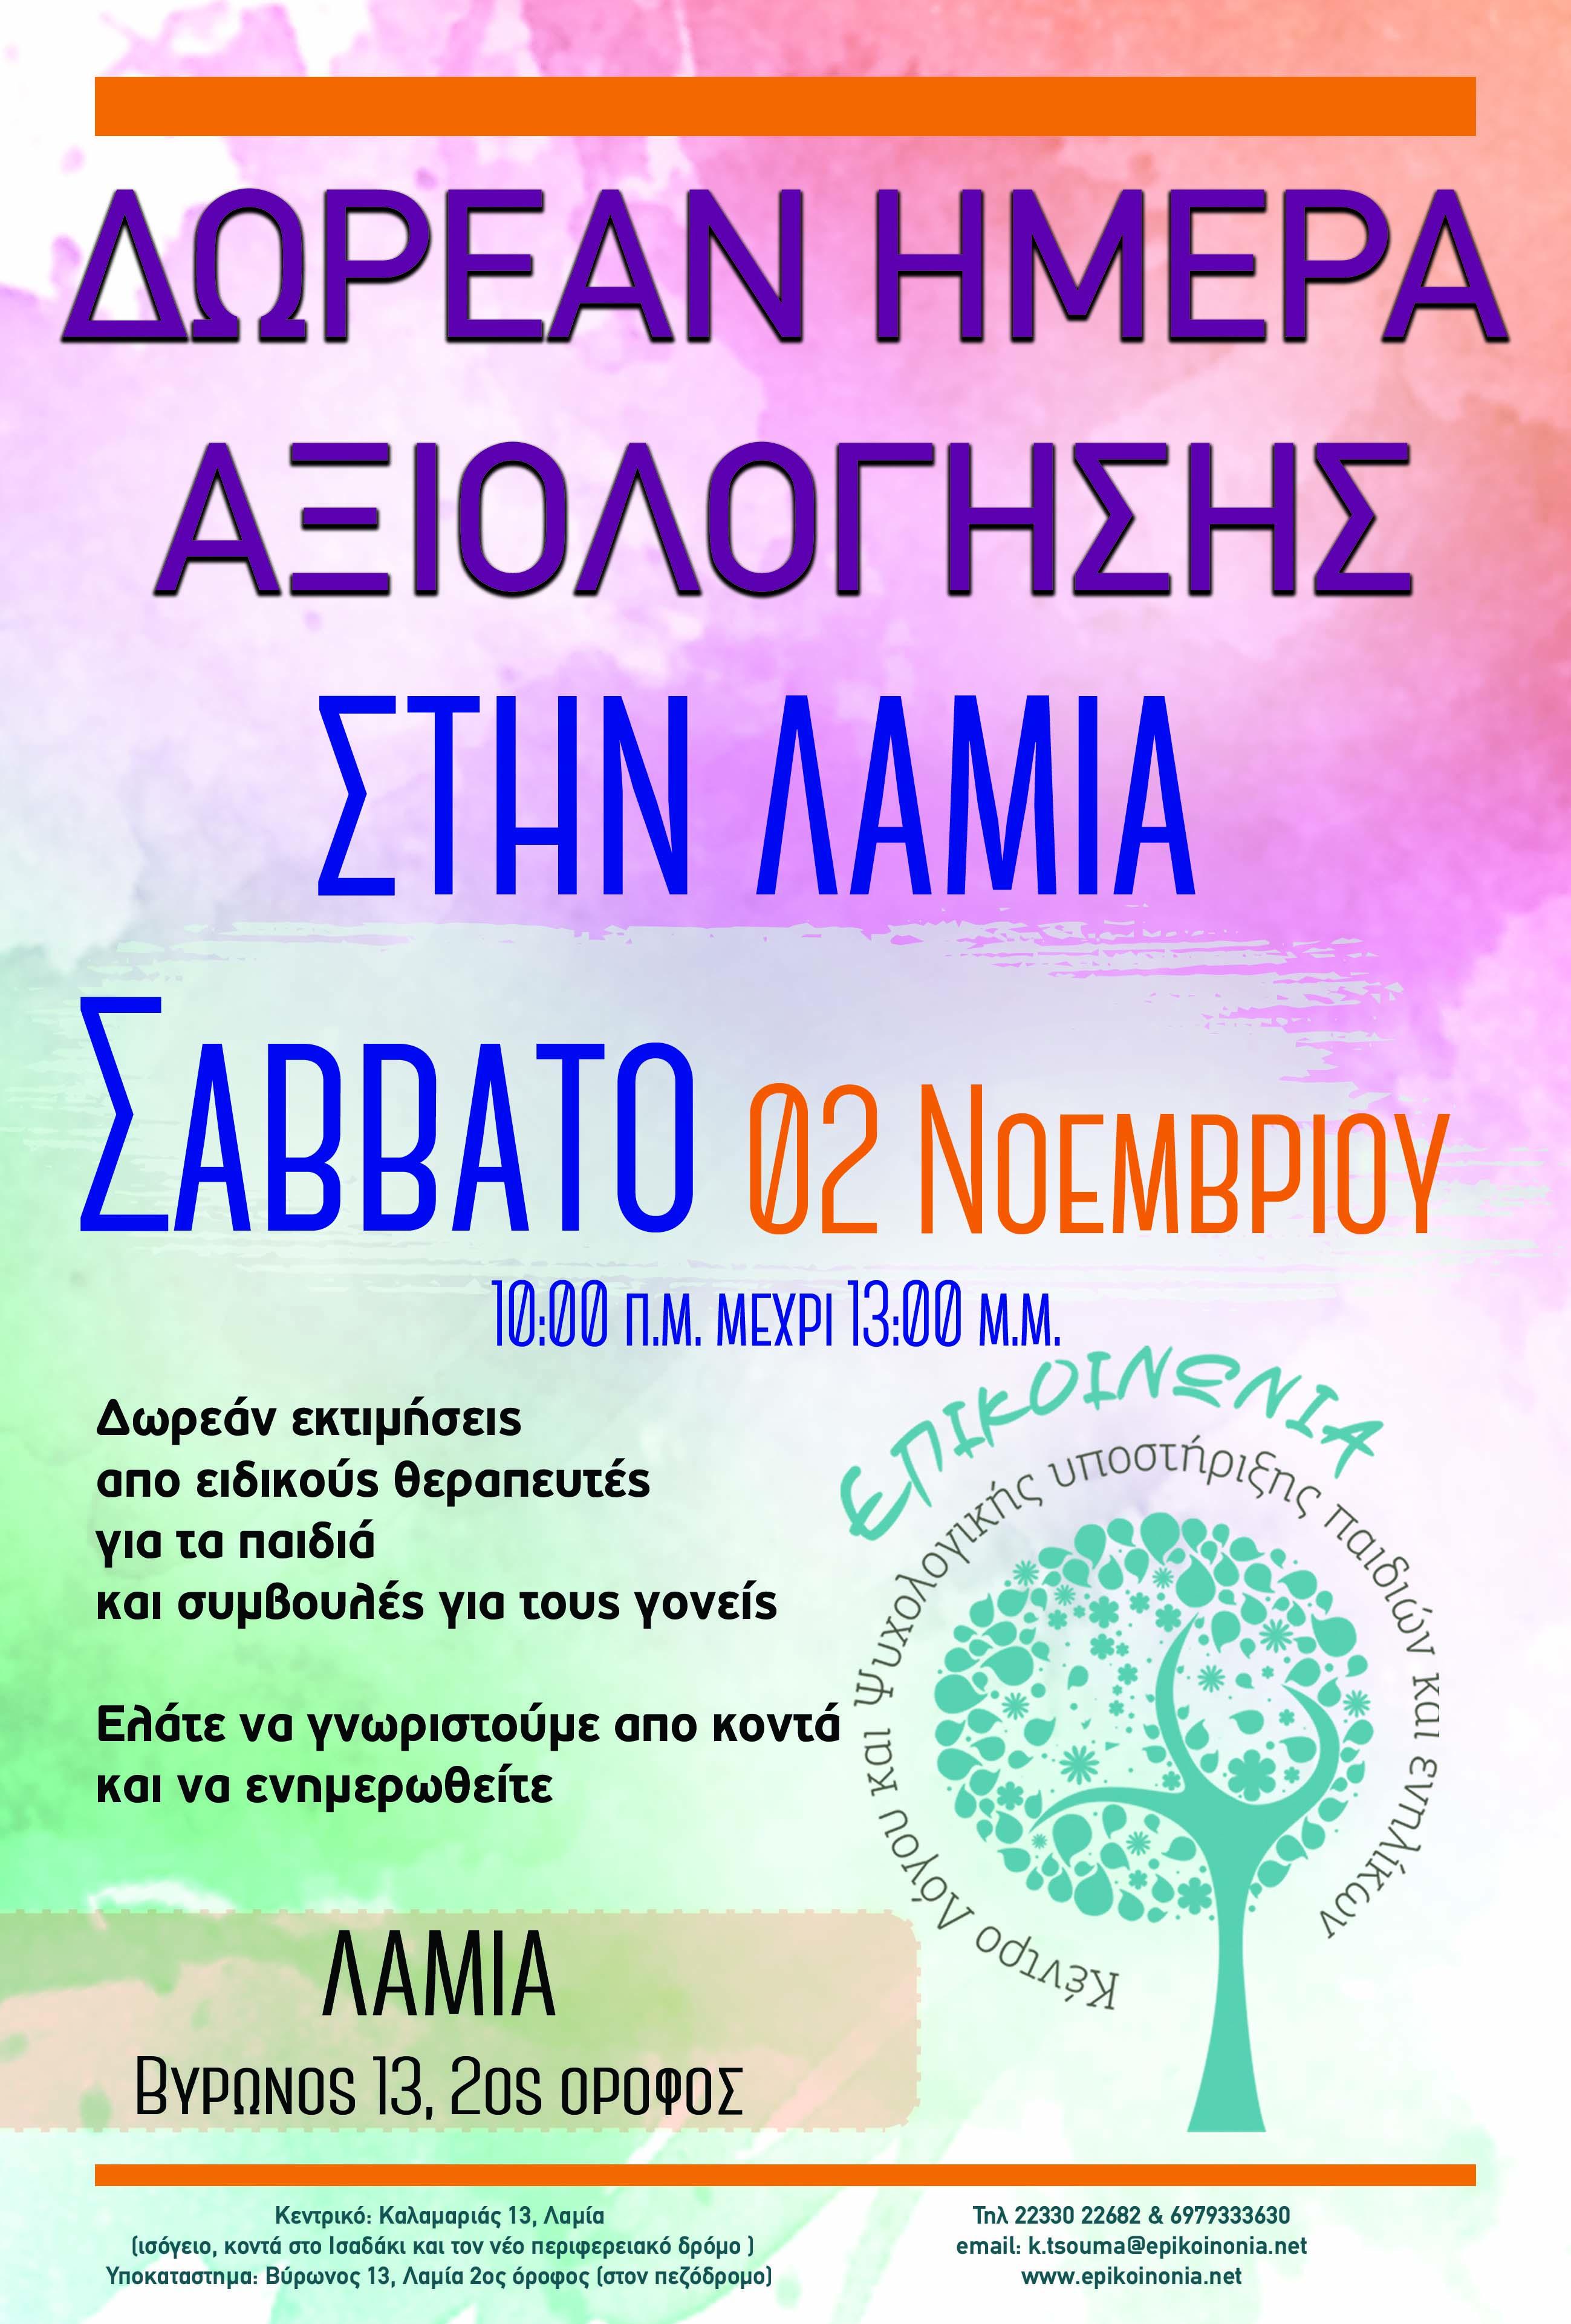 Ανοιχτή Ημέρα Αξιολόγησης στη Λαμία, Σάββατο 2 Νοεμβρίου 2019